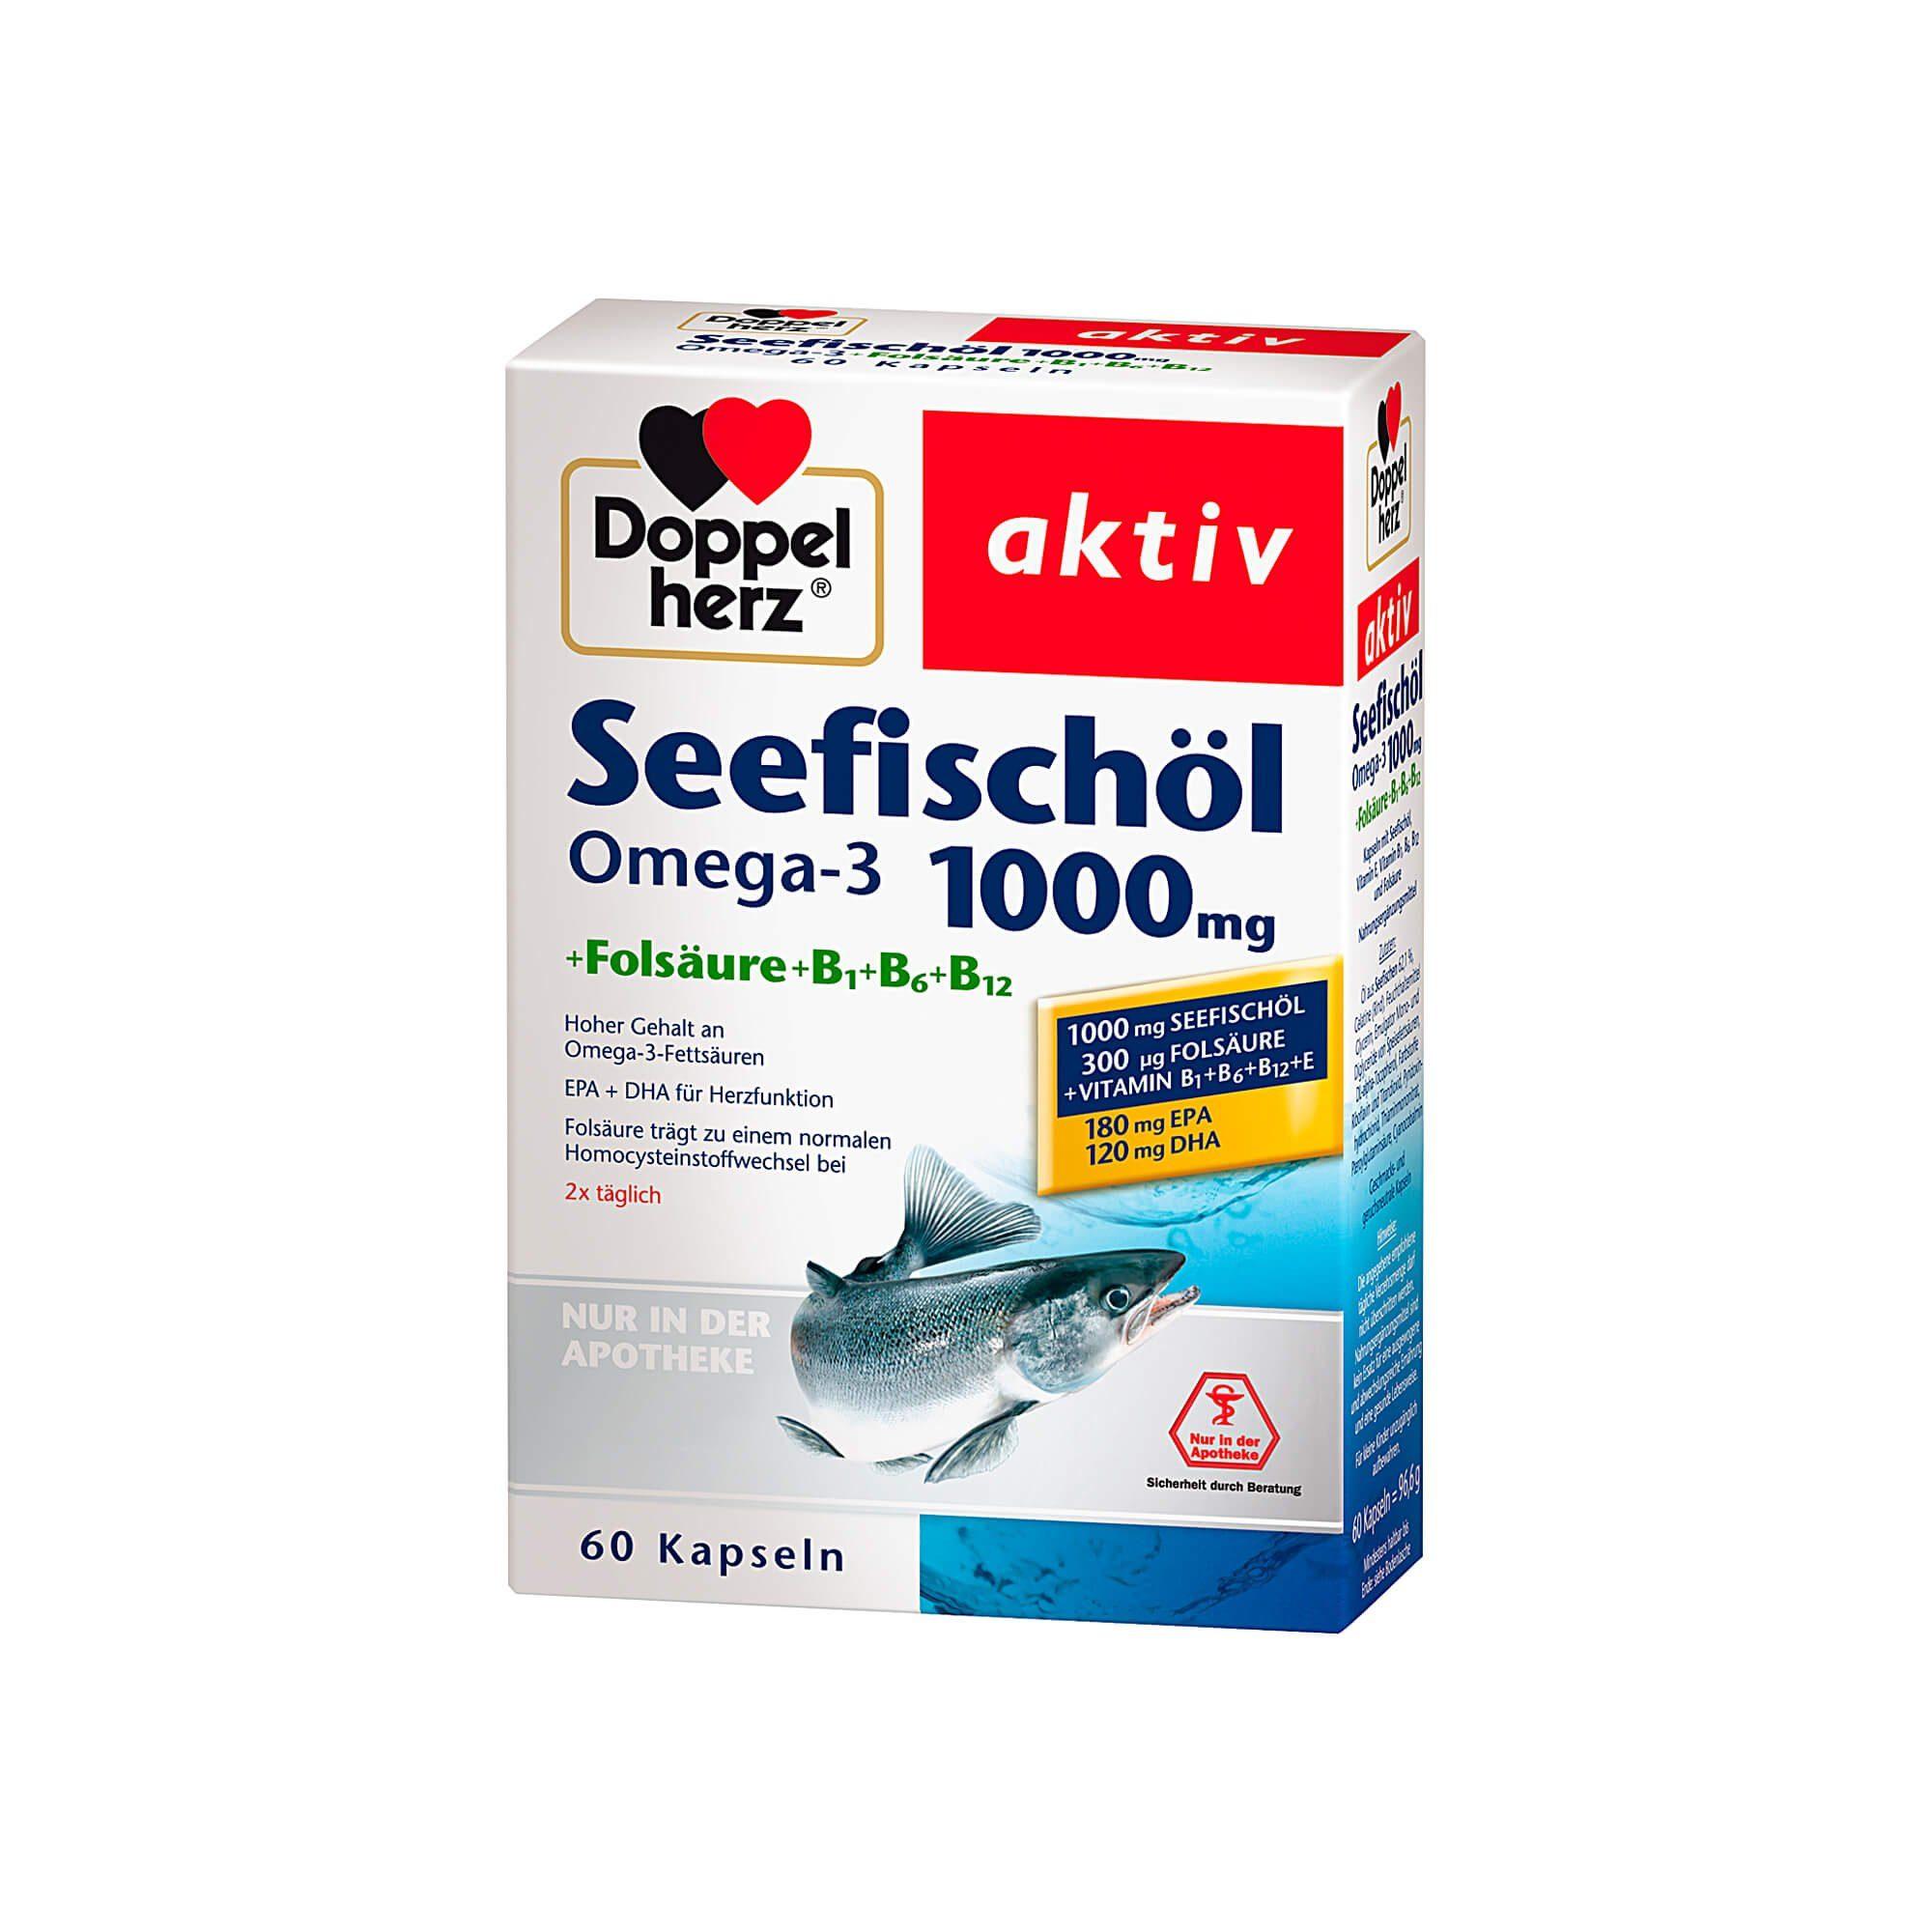 Doppelherz Seefischöl Omega-3 1000 mg aktiv , 60 St